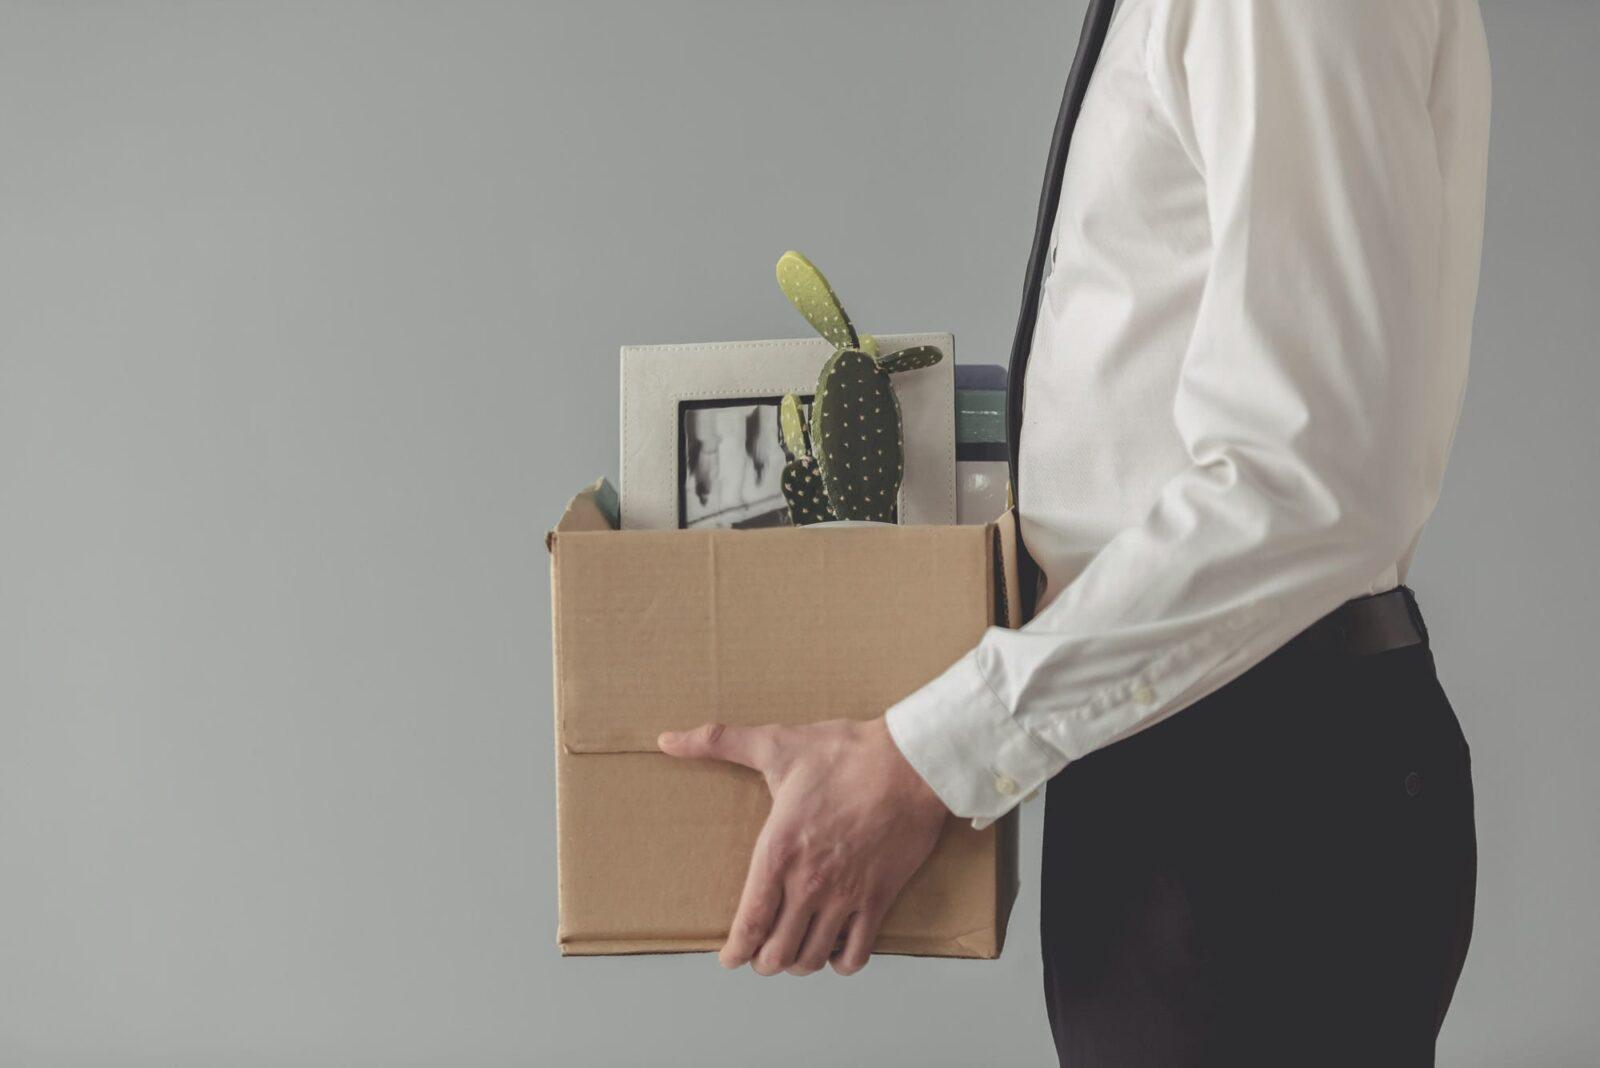 Belongings in a box